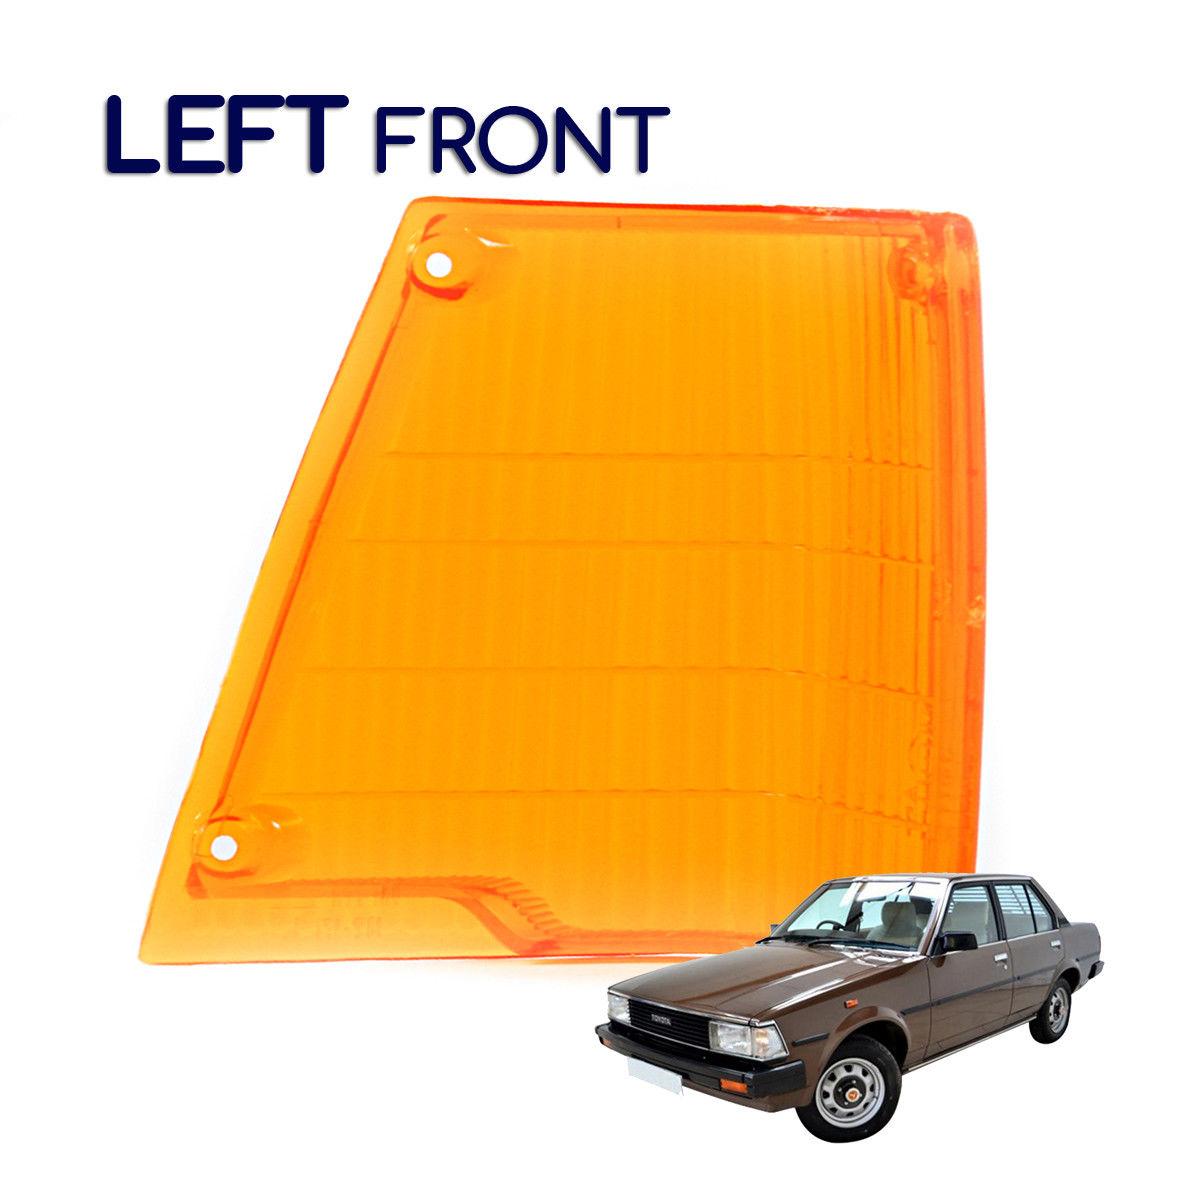 コーナーライト New Corner Light Amber LENS Left Fits Toyota Corolla Gl Ke70 Ke75 Te71 1979-1987 新しいコーナーライトアンバーLENS左フィットトヨタカローラG1 Ke70 Ke75 Te71 1979-1987